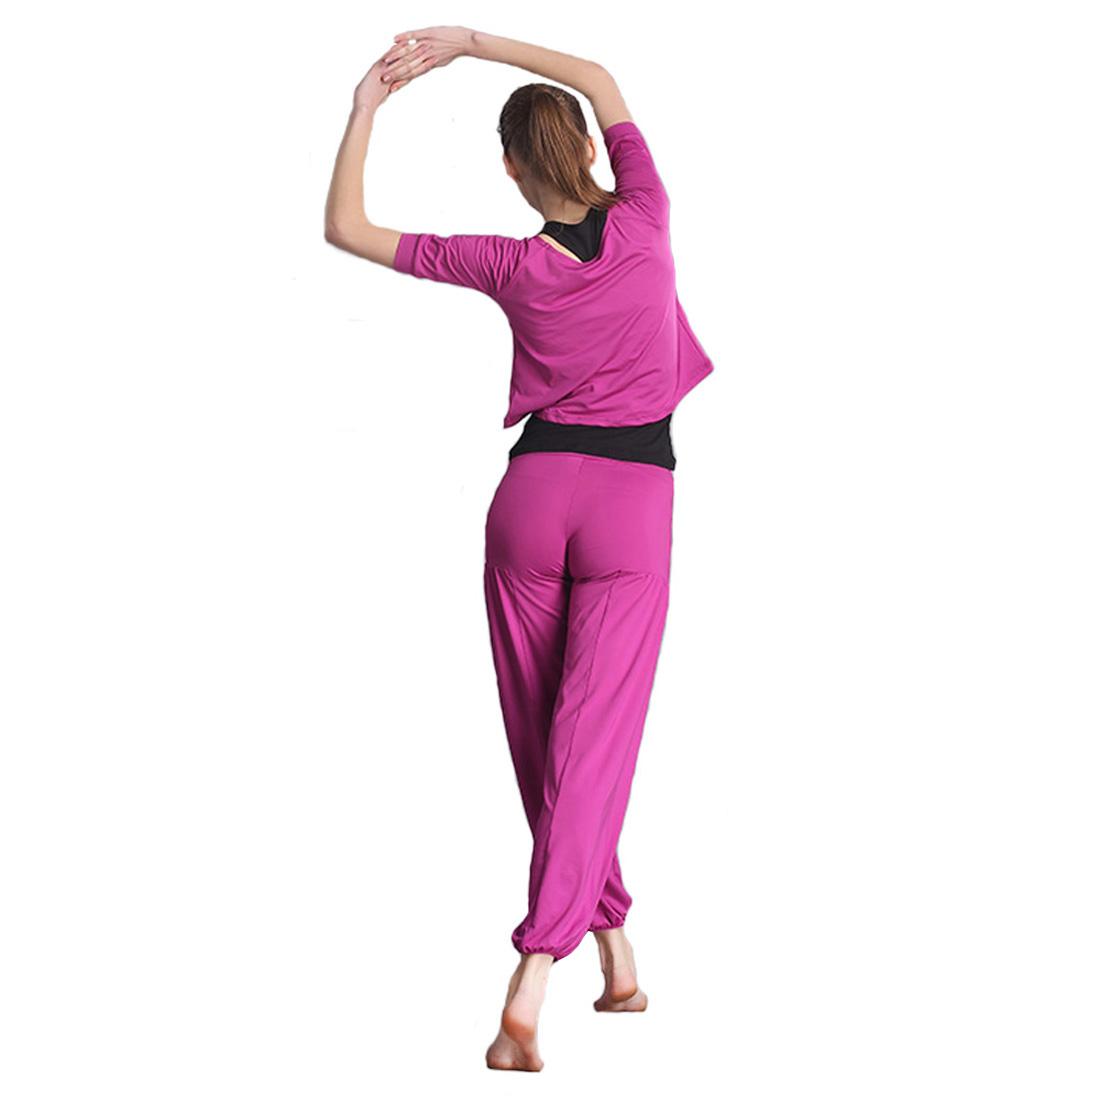 Womens Casual Yoga Sport Suit Workout Vest Tops Pants